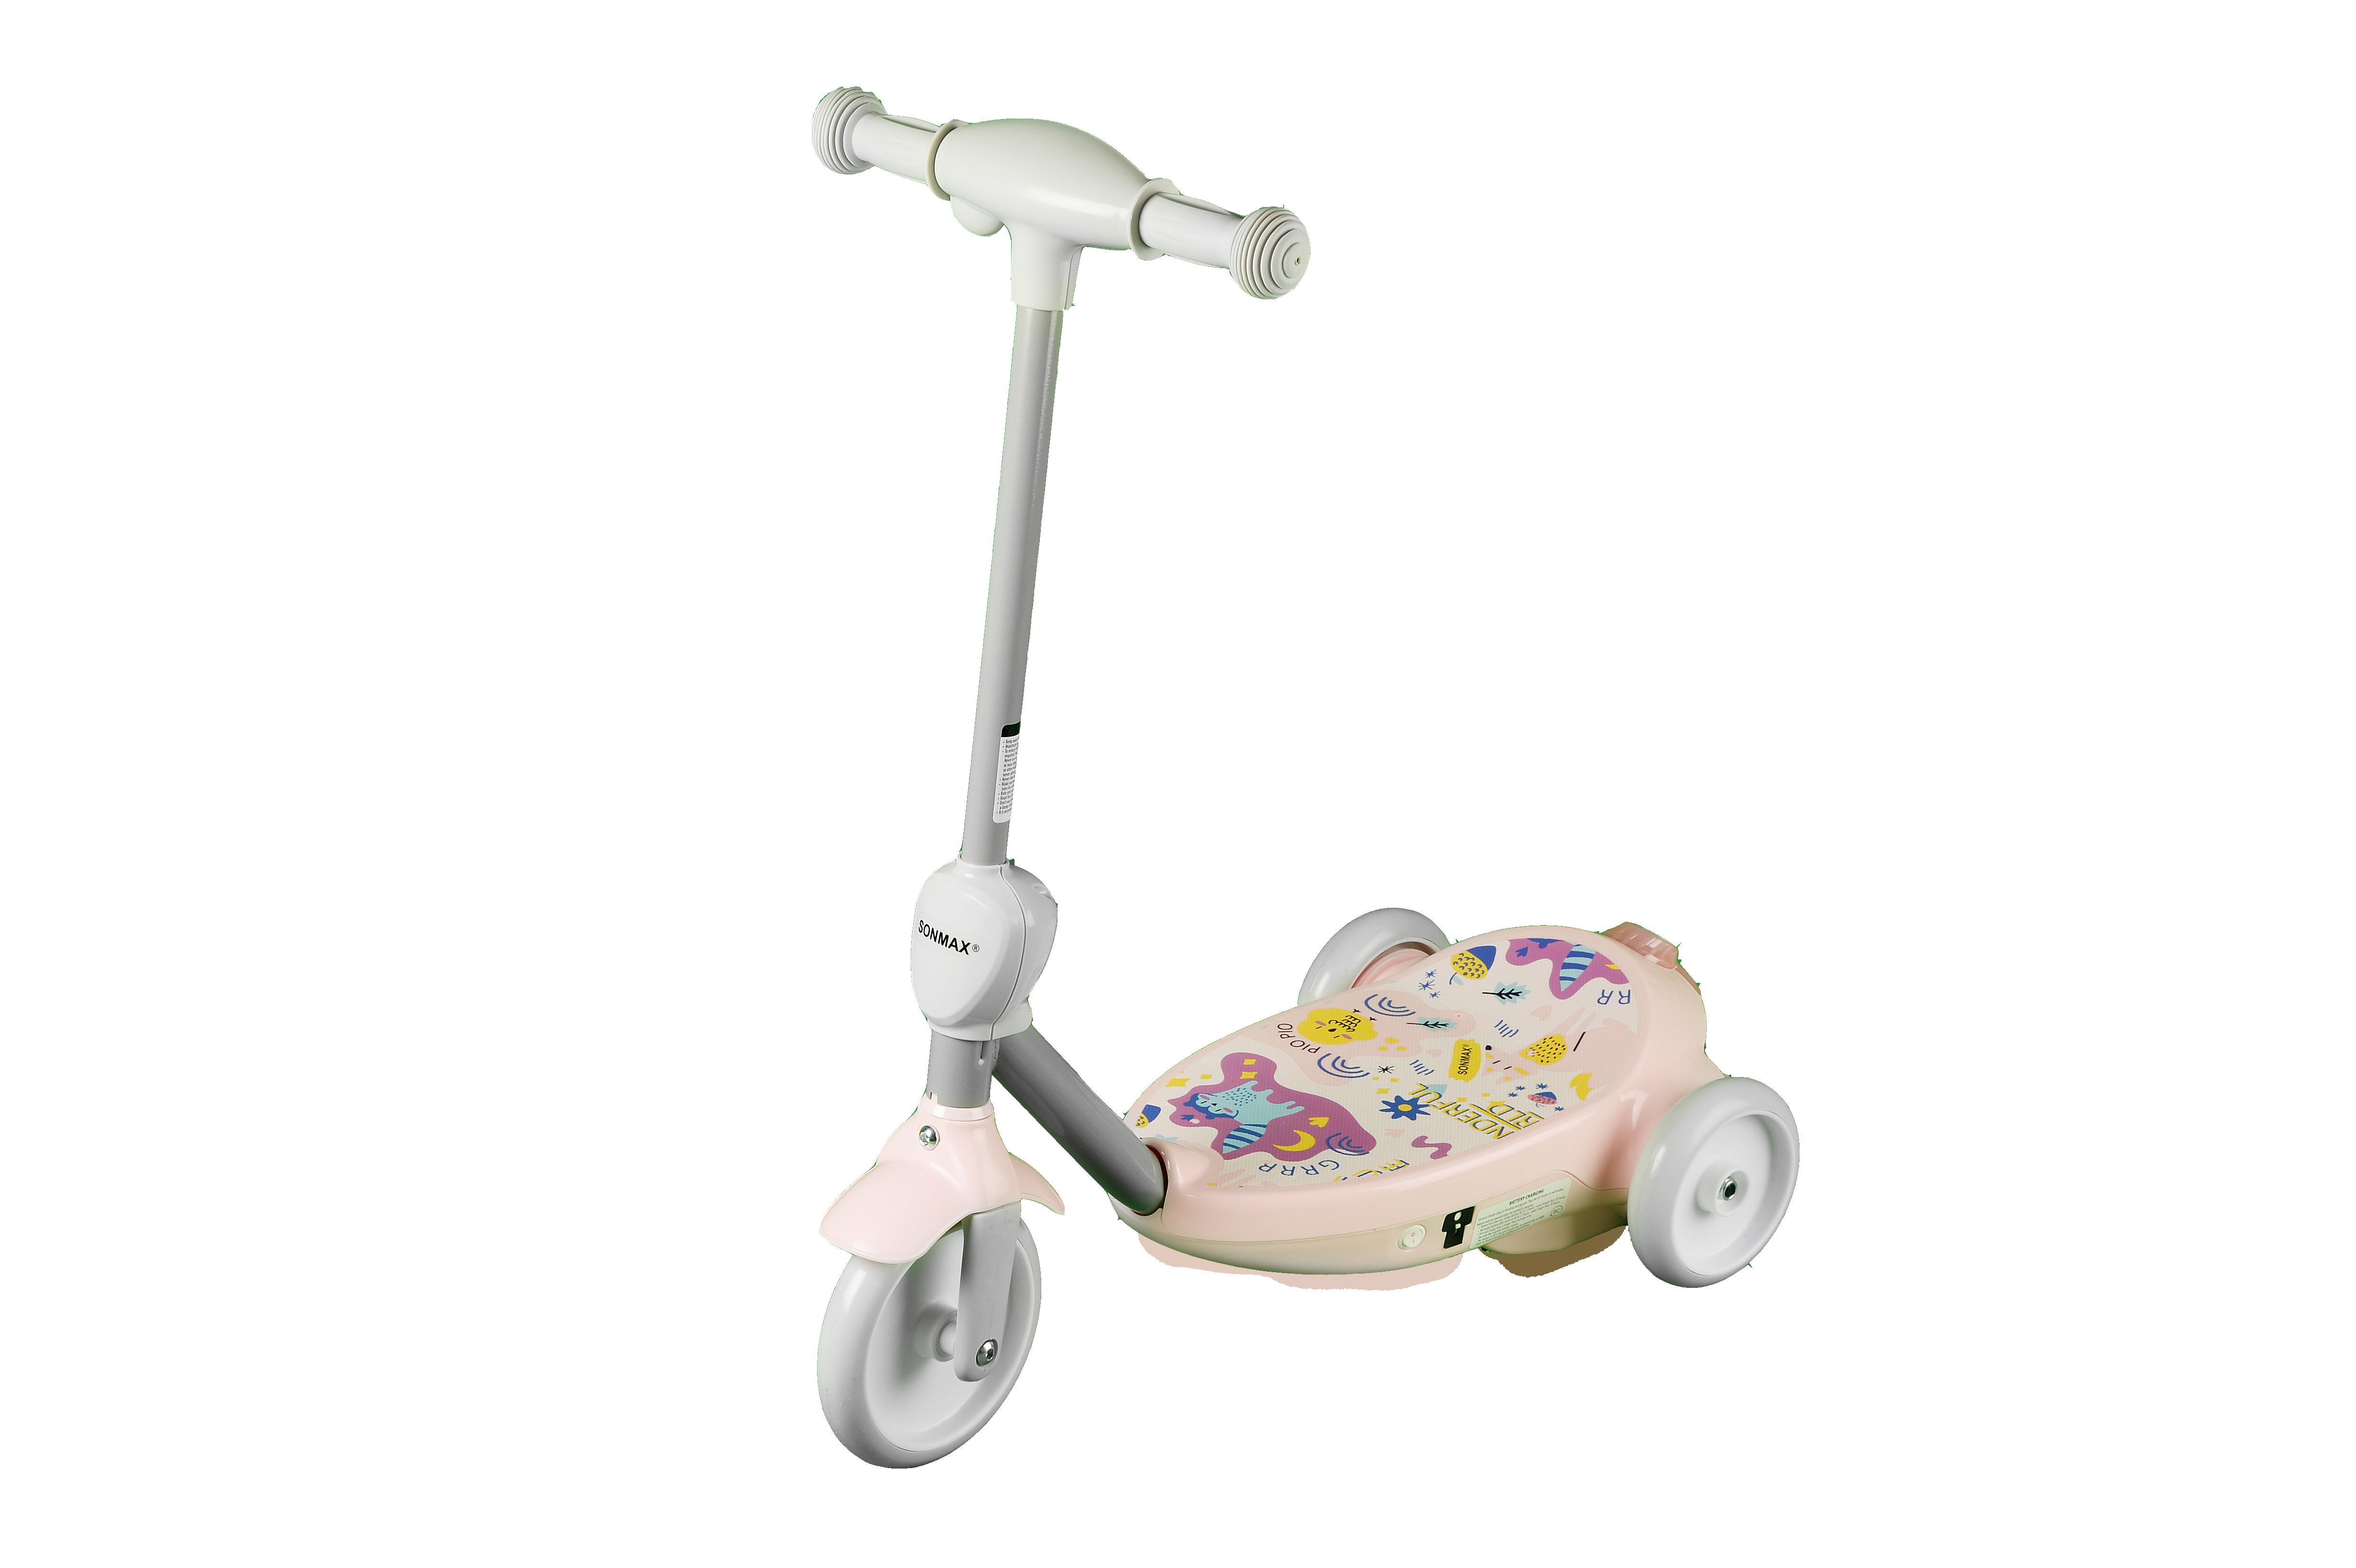 Купить Электросамокат детский SONMAX с мыльными пузырями, розовый, Самокаты детские трехколесные